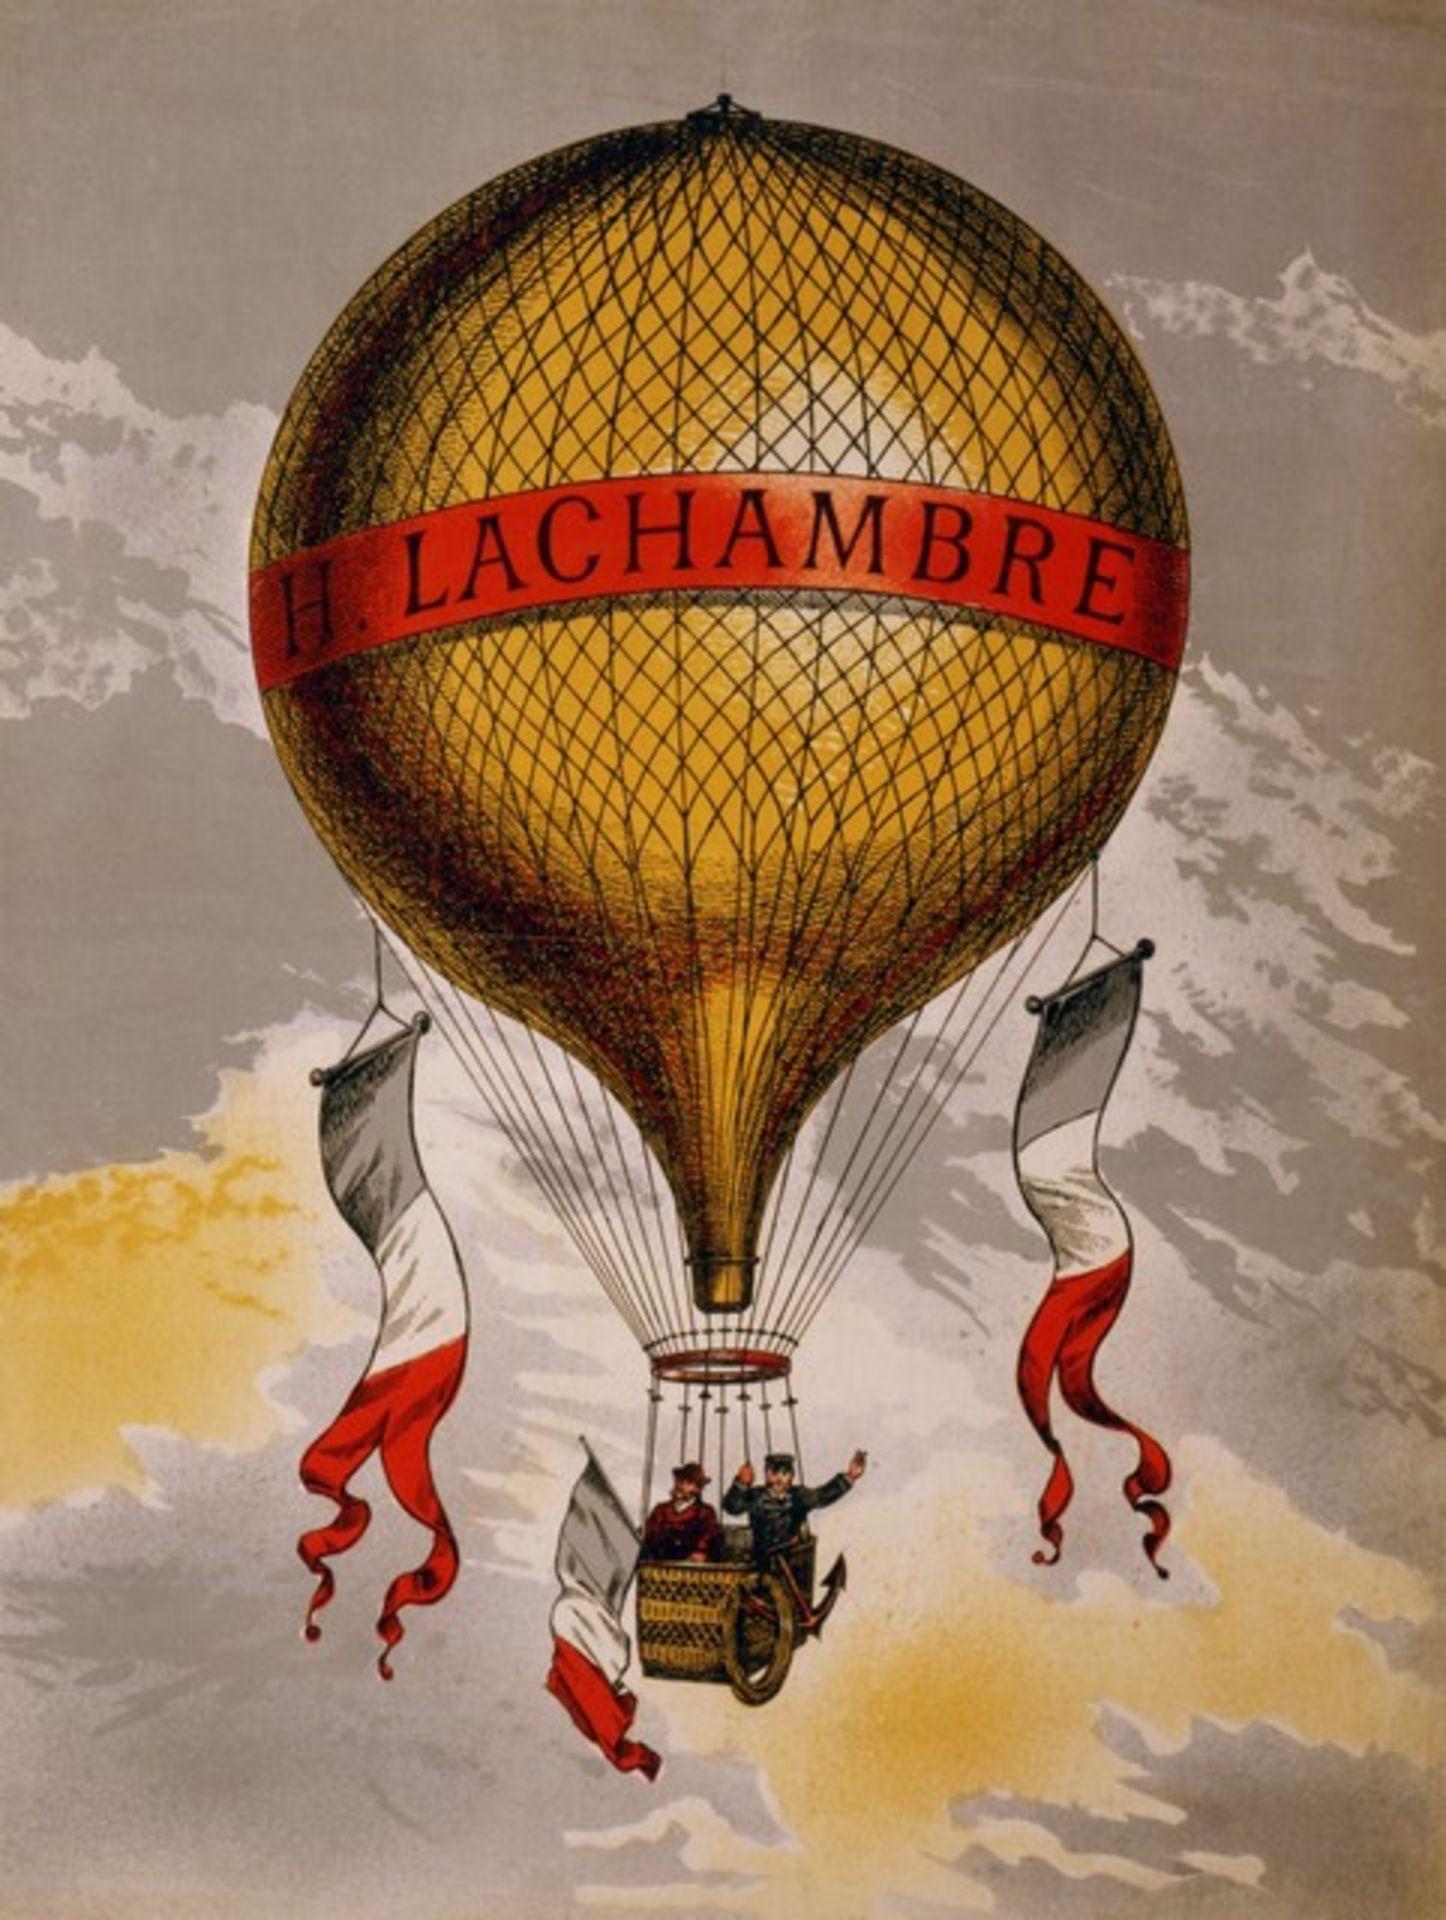 Henry LaChambre - H. LaChambre